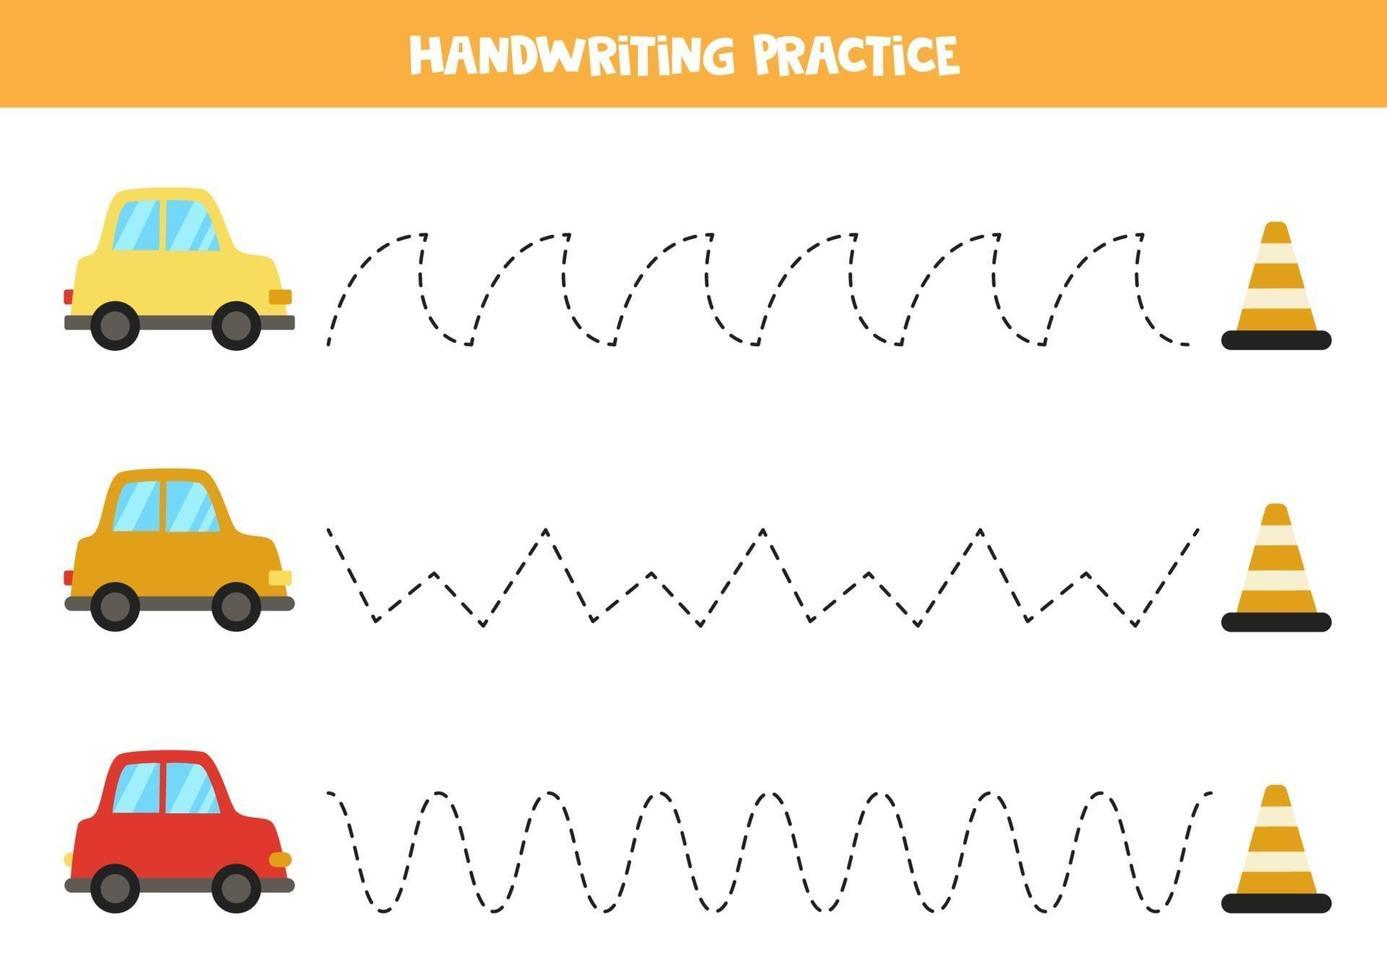 traceer de lijnen met cartoonauto's. Schrijf oefening. vector